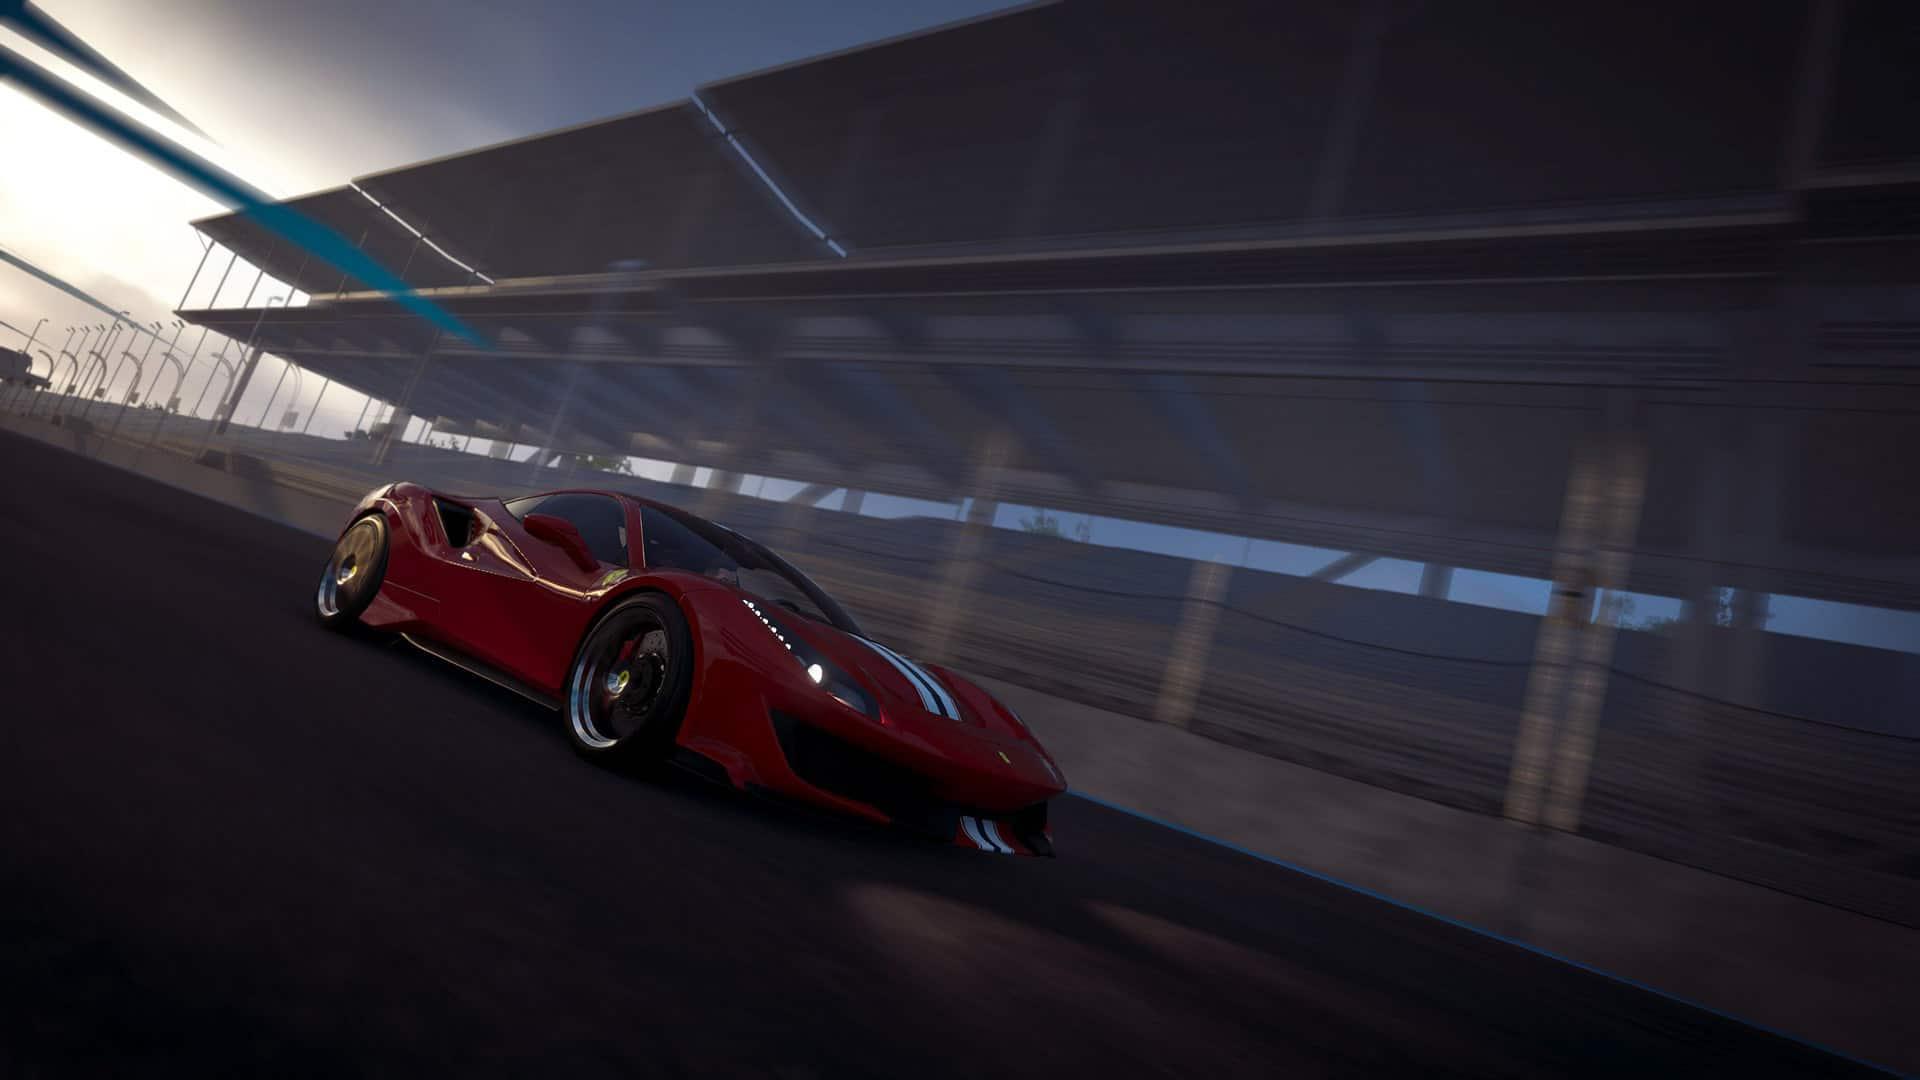 luksusowy samochód jadący po torze wyścigowym